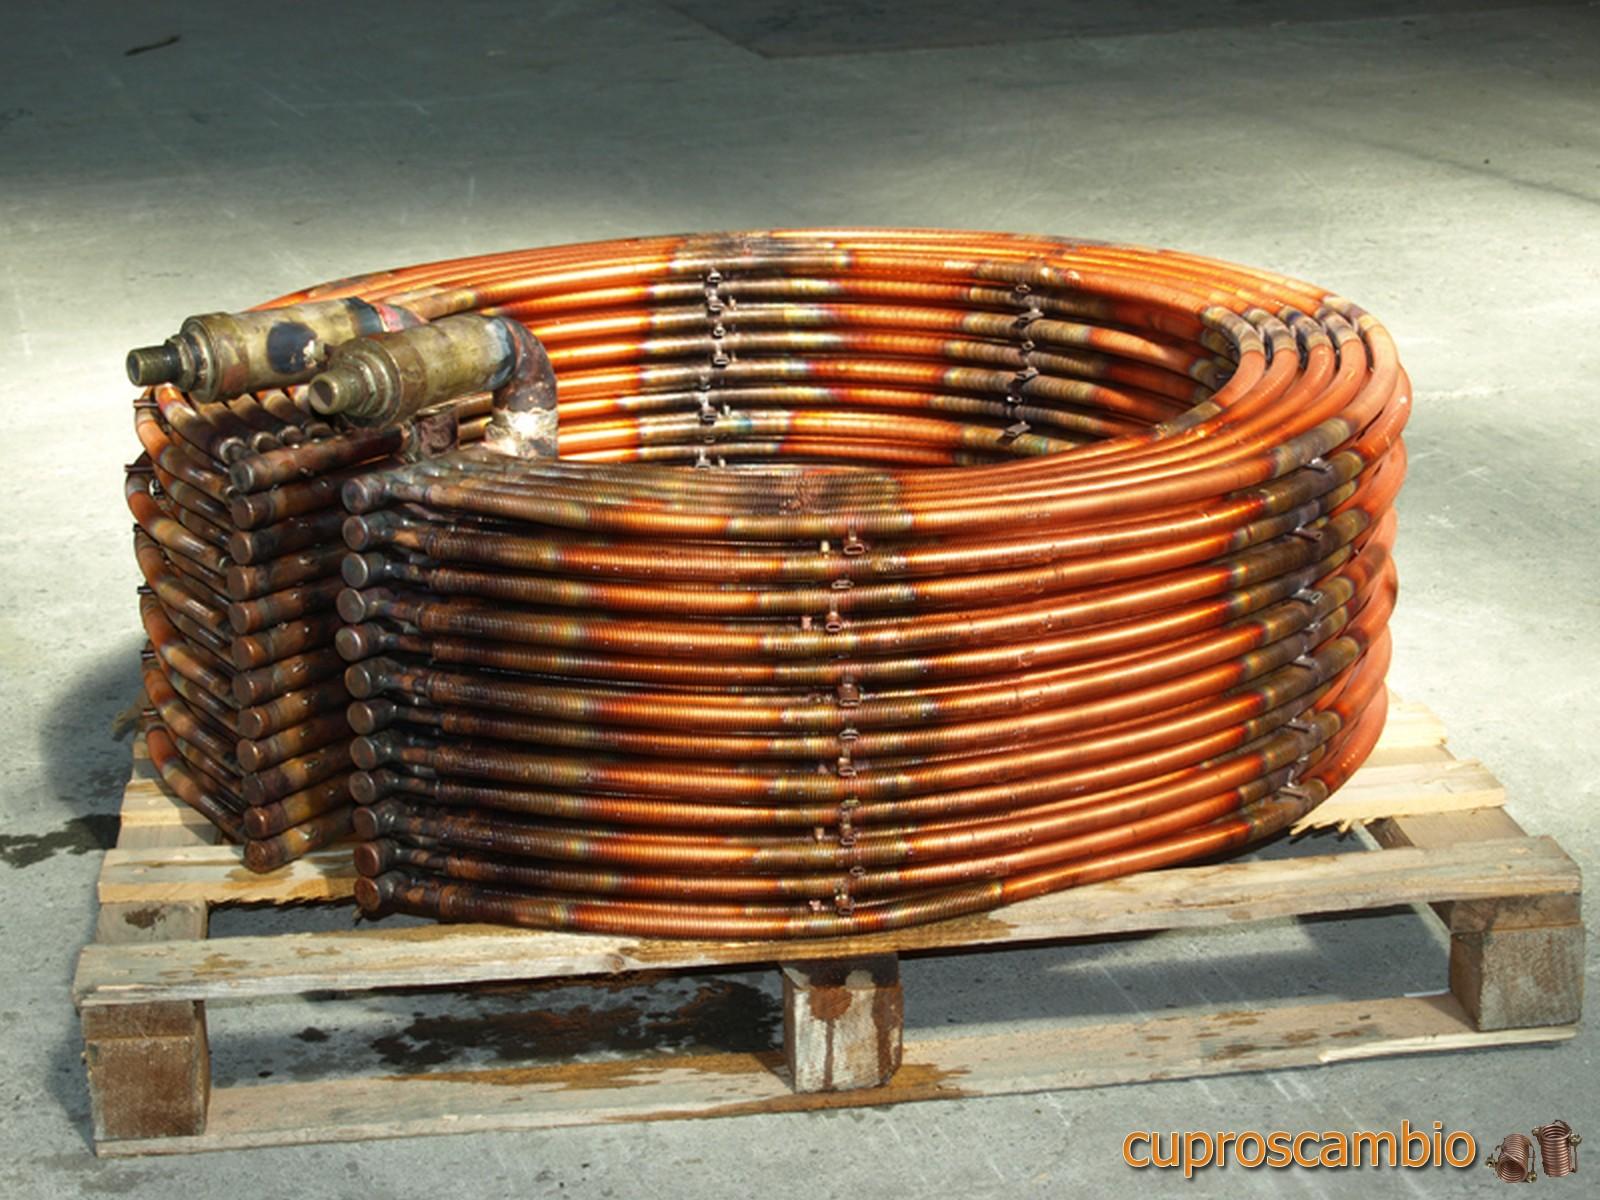 Serpentine in rame alettato per varie applicazioni industriali